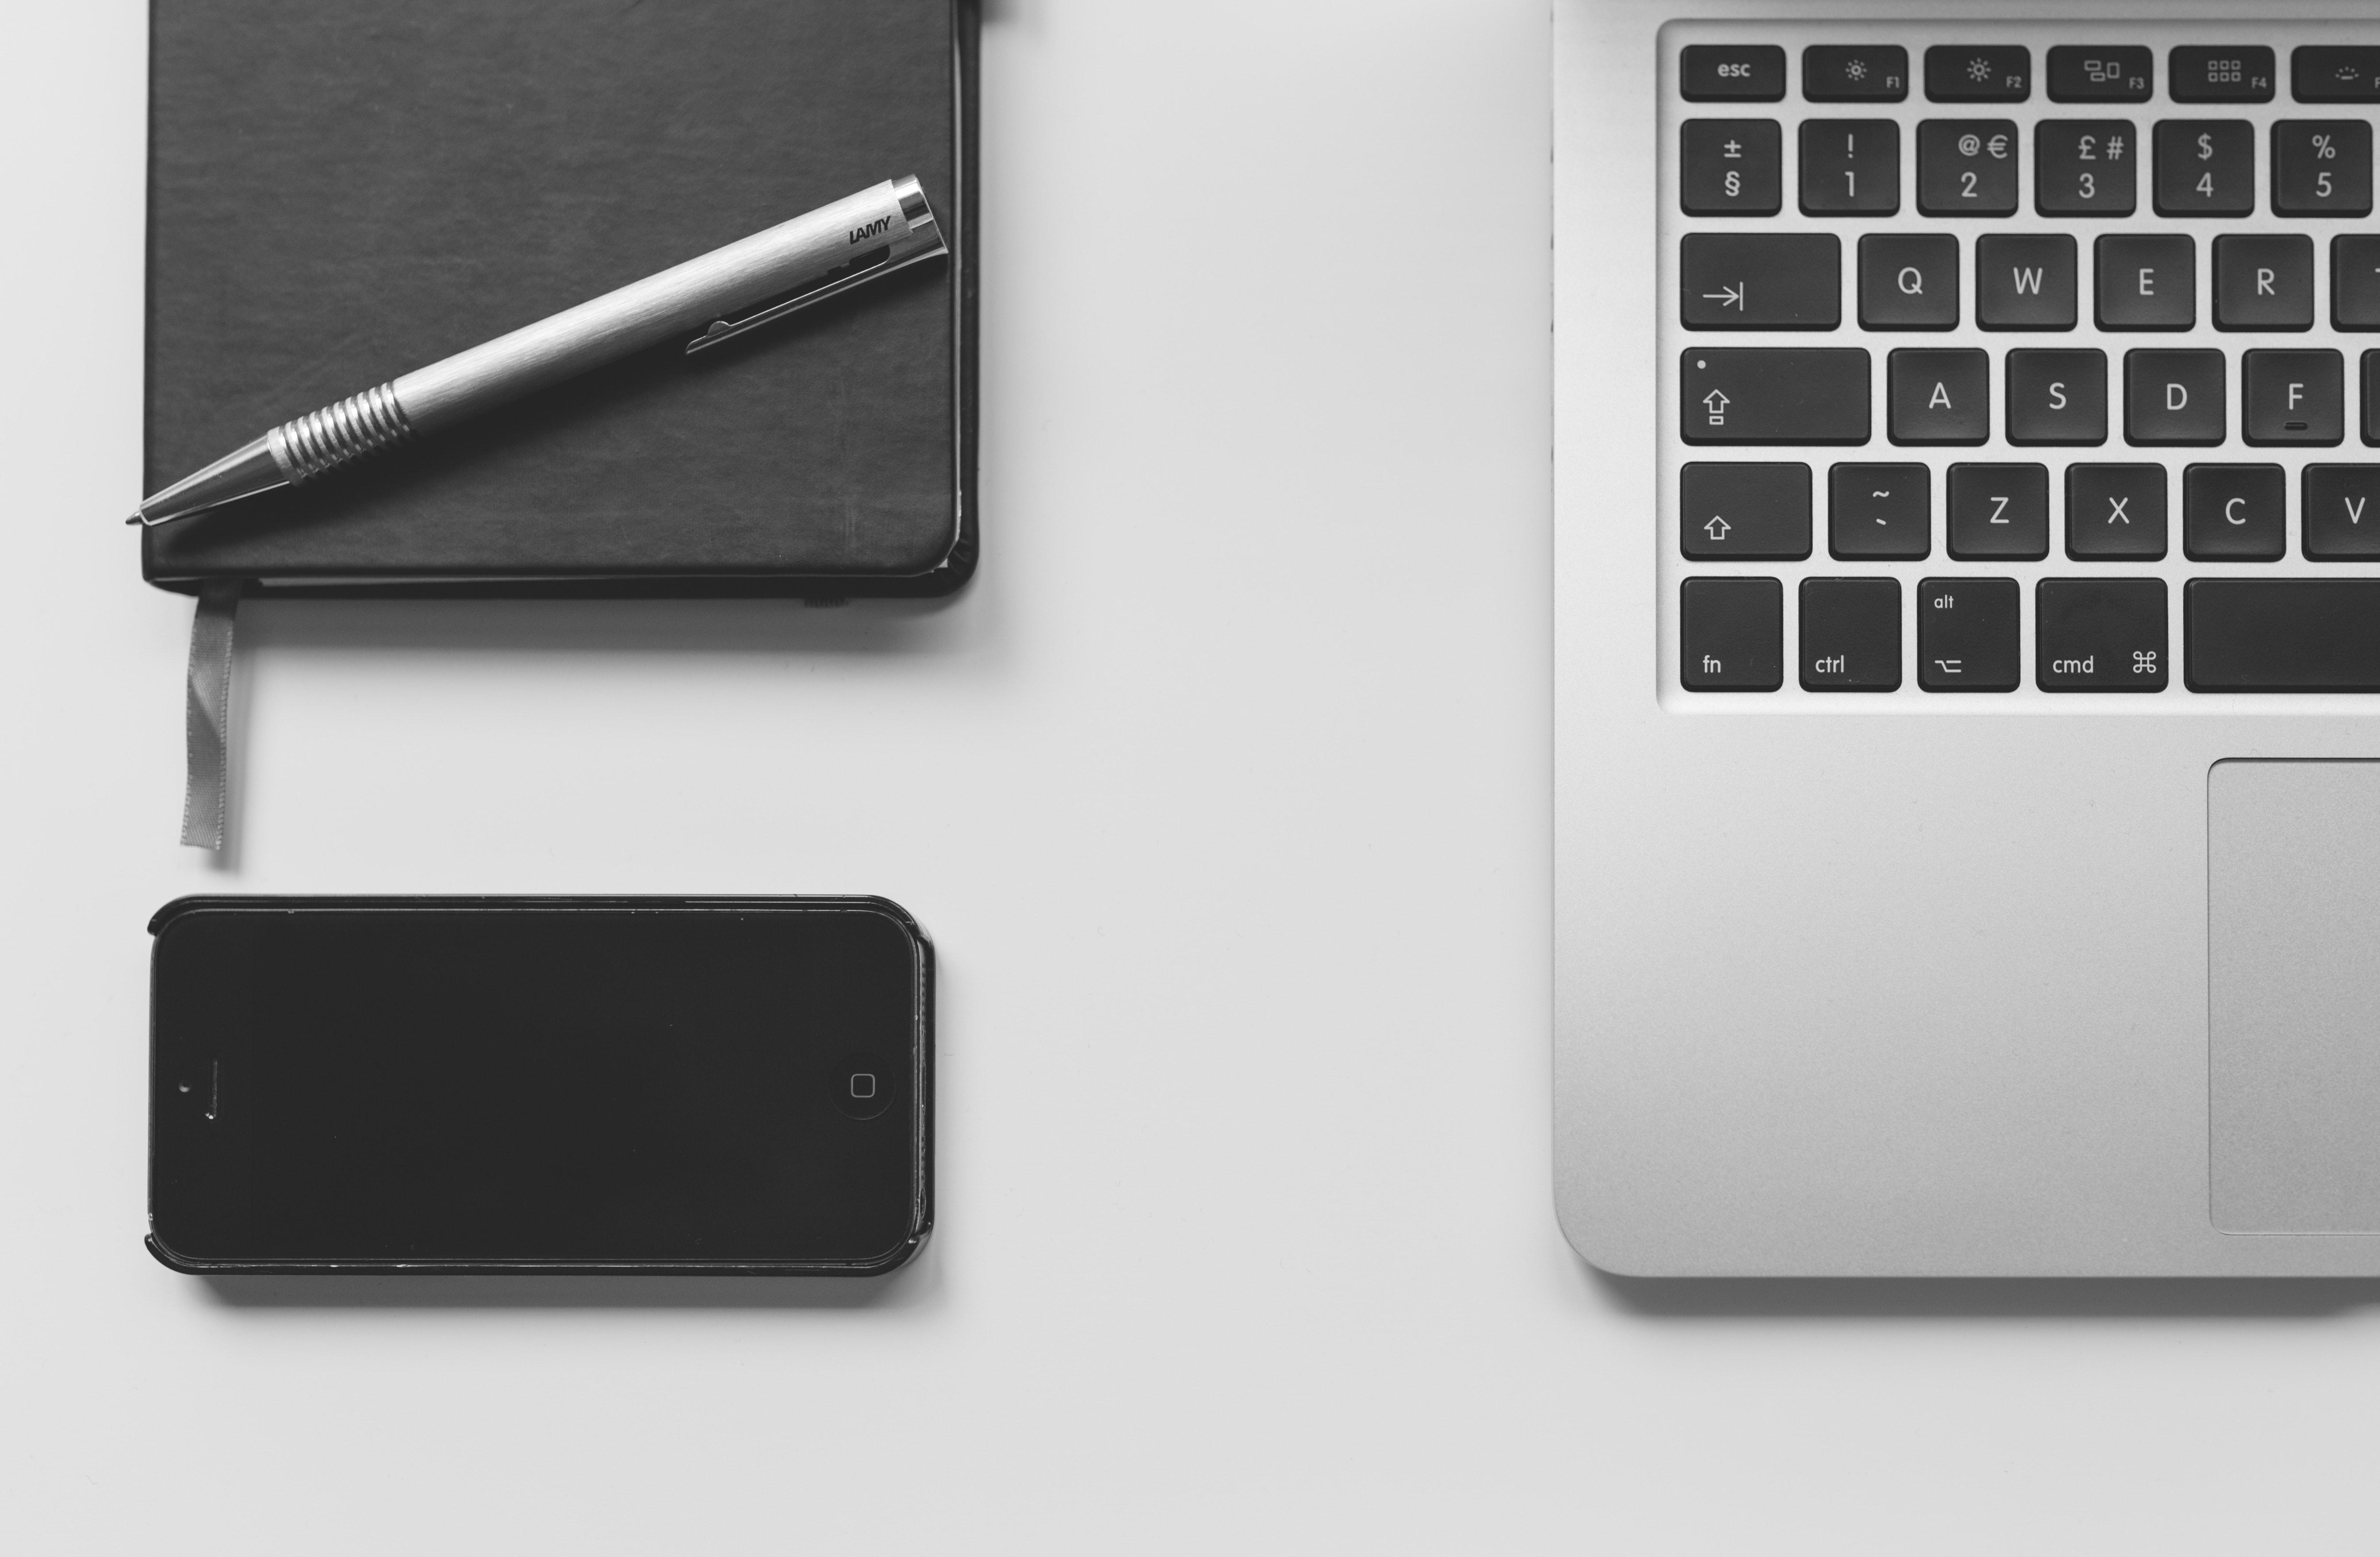 Copywriting obiettivi: destinatari e stile per un testo efficace